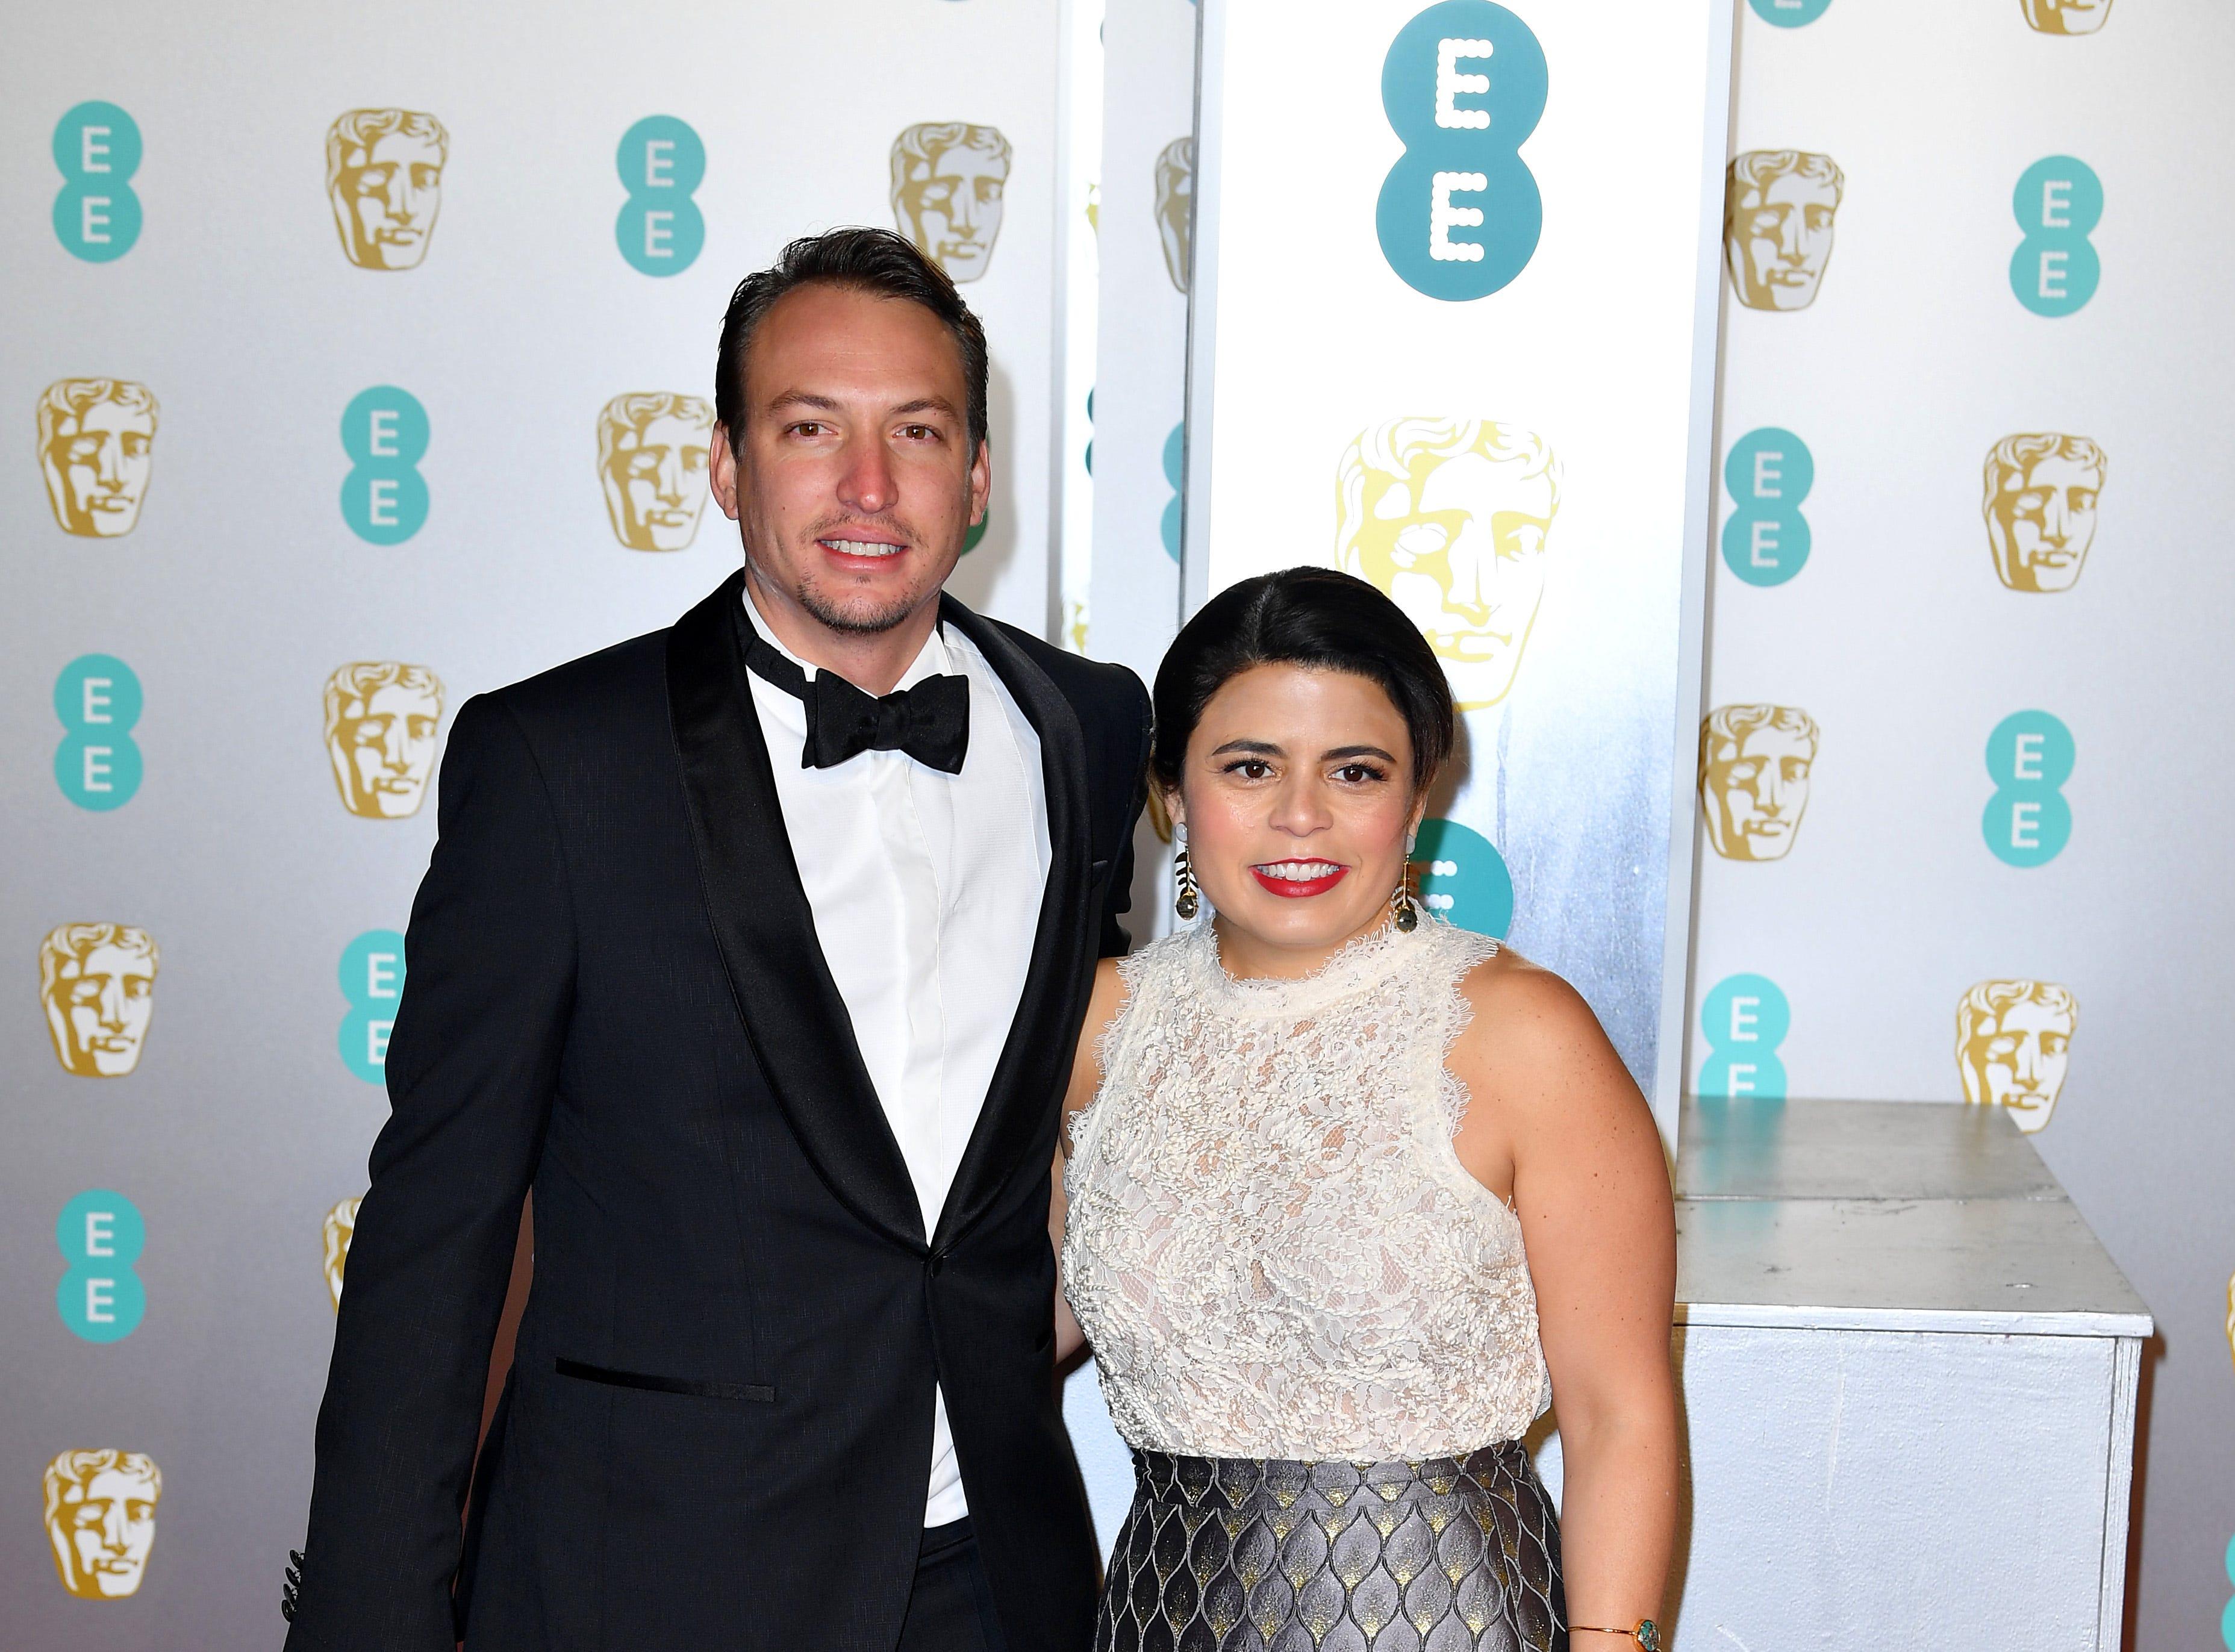 Gabriela Rodriguez (der) a su llegada a la alfombra roja de los Premios de la Academia Británica de Cine BAFTA en el Royal Albert Hall en Londres el 10 de febrero de 2019.